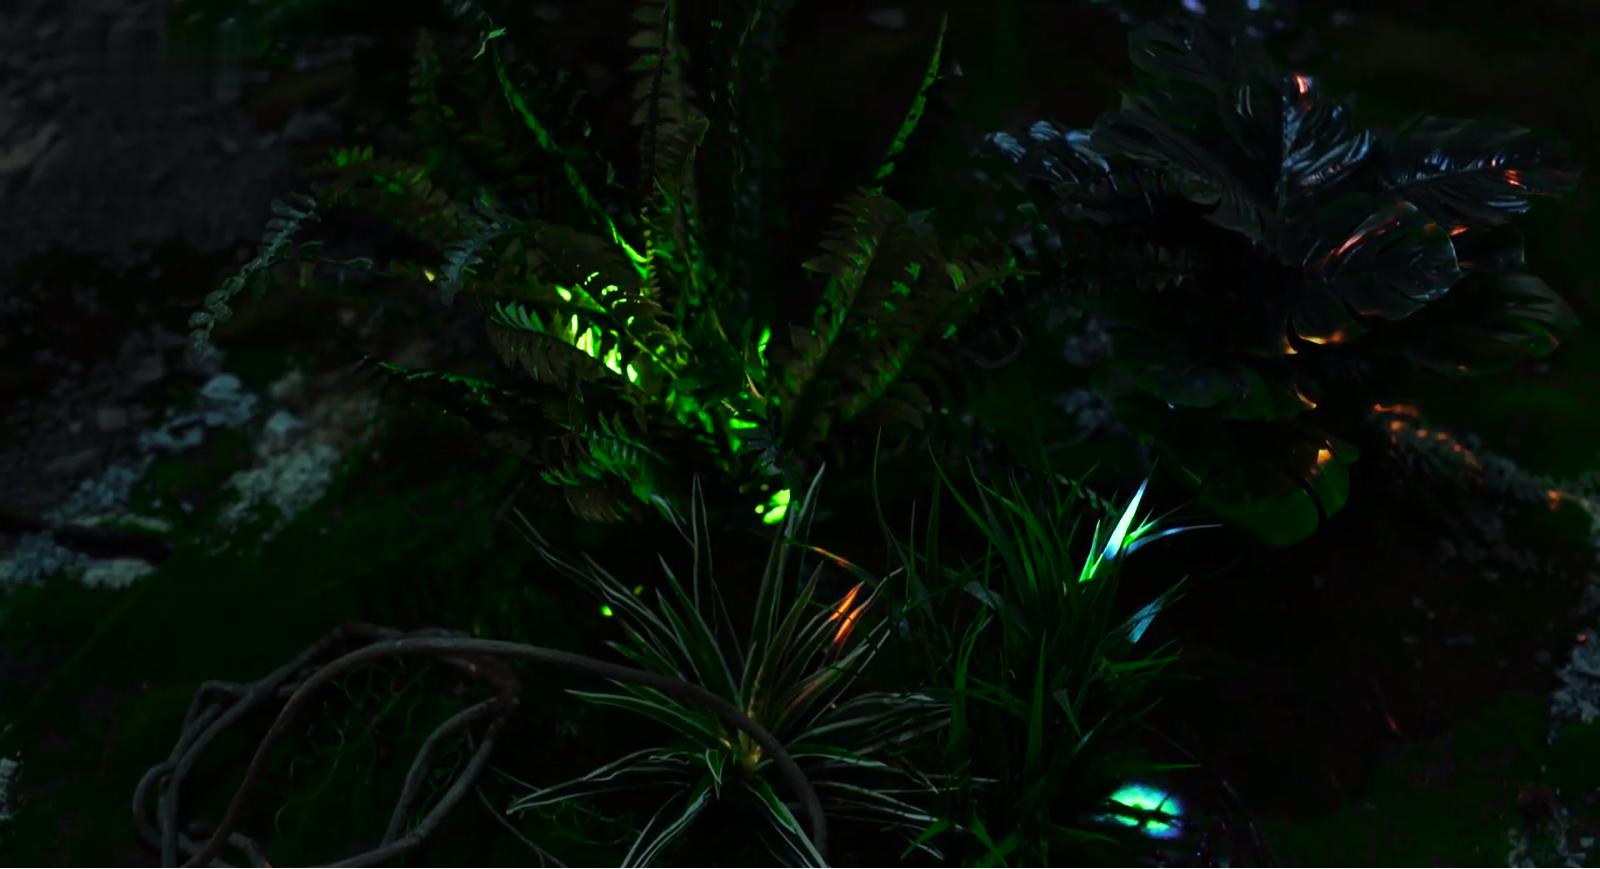 神经网络森林:野餐   -大型沉浸式新媒体装置